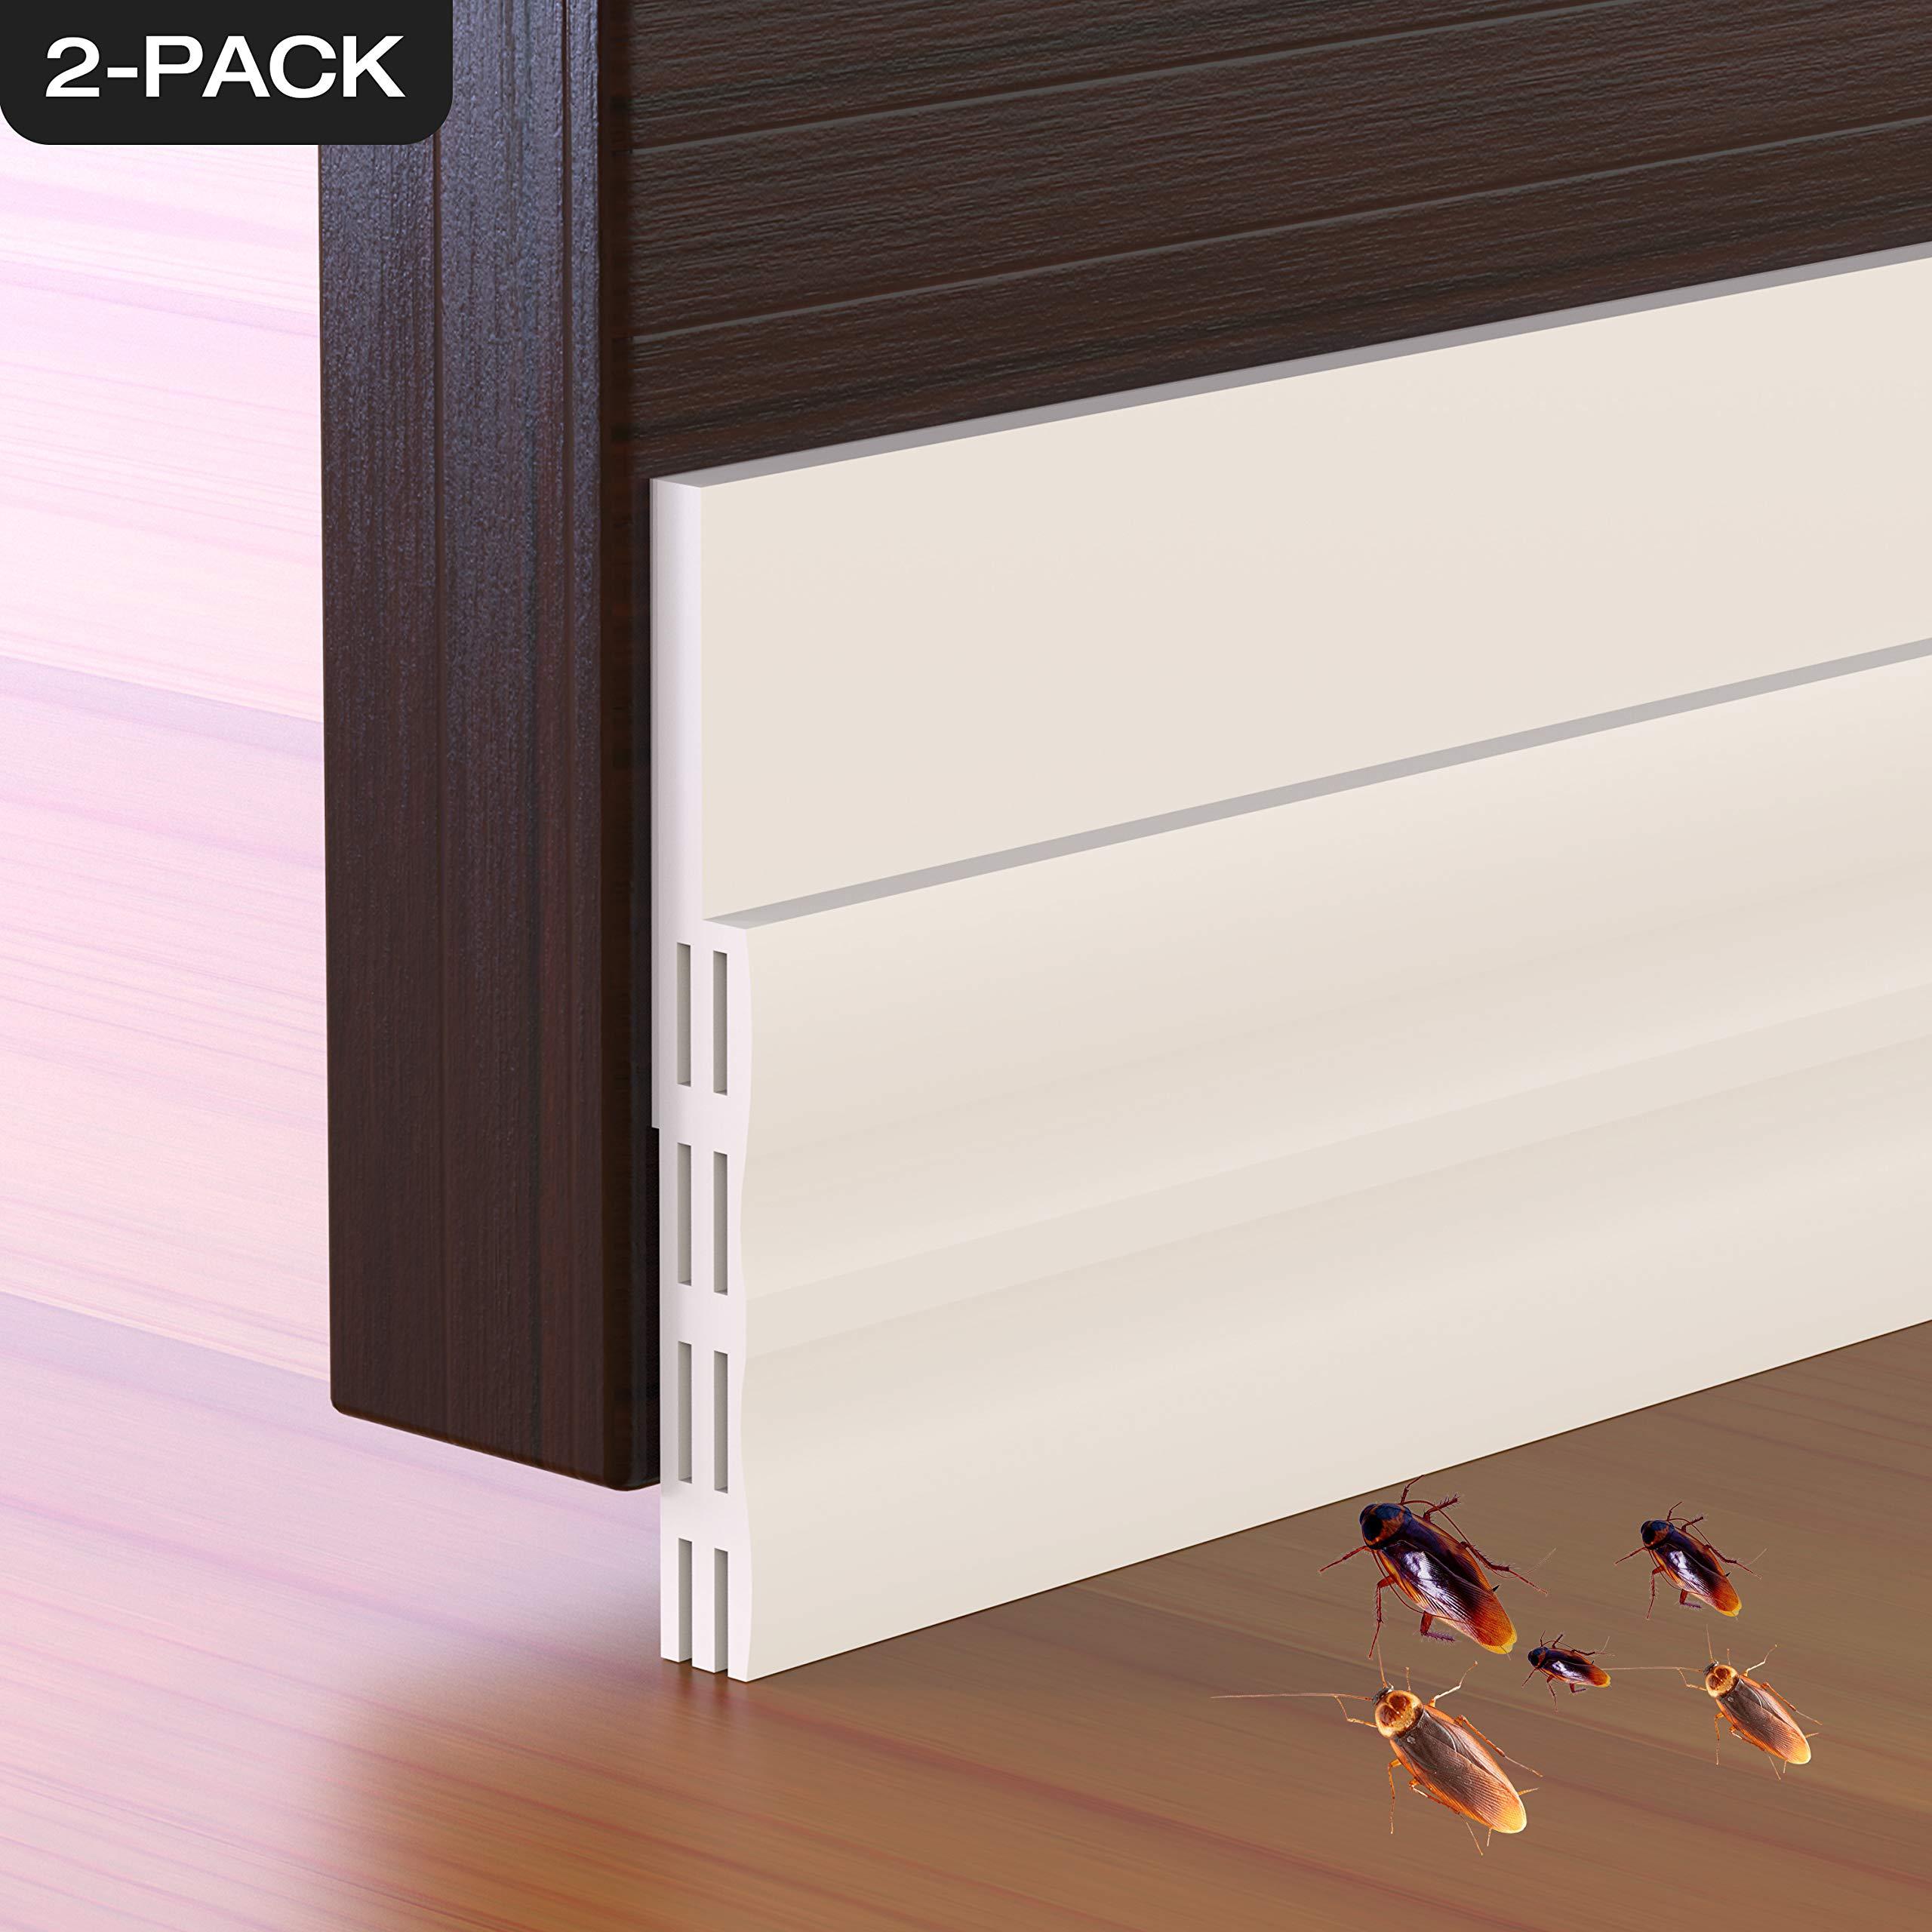 Door Draft Stopper, 2 Pack Strong Adhesive Under Door Insulator Door Sweep Weather Stripping Noise Stopper Prevent Bugs, 2'' W x 39'' L